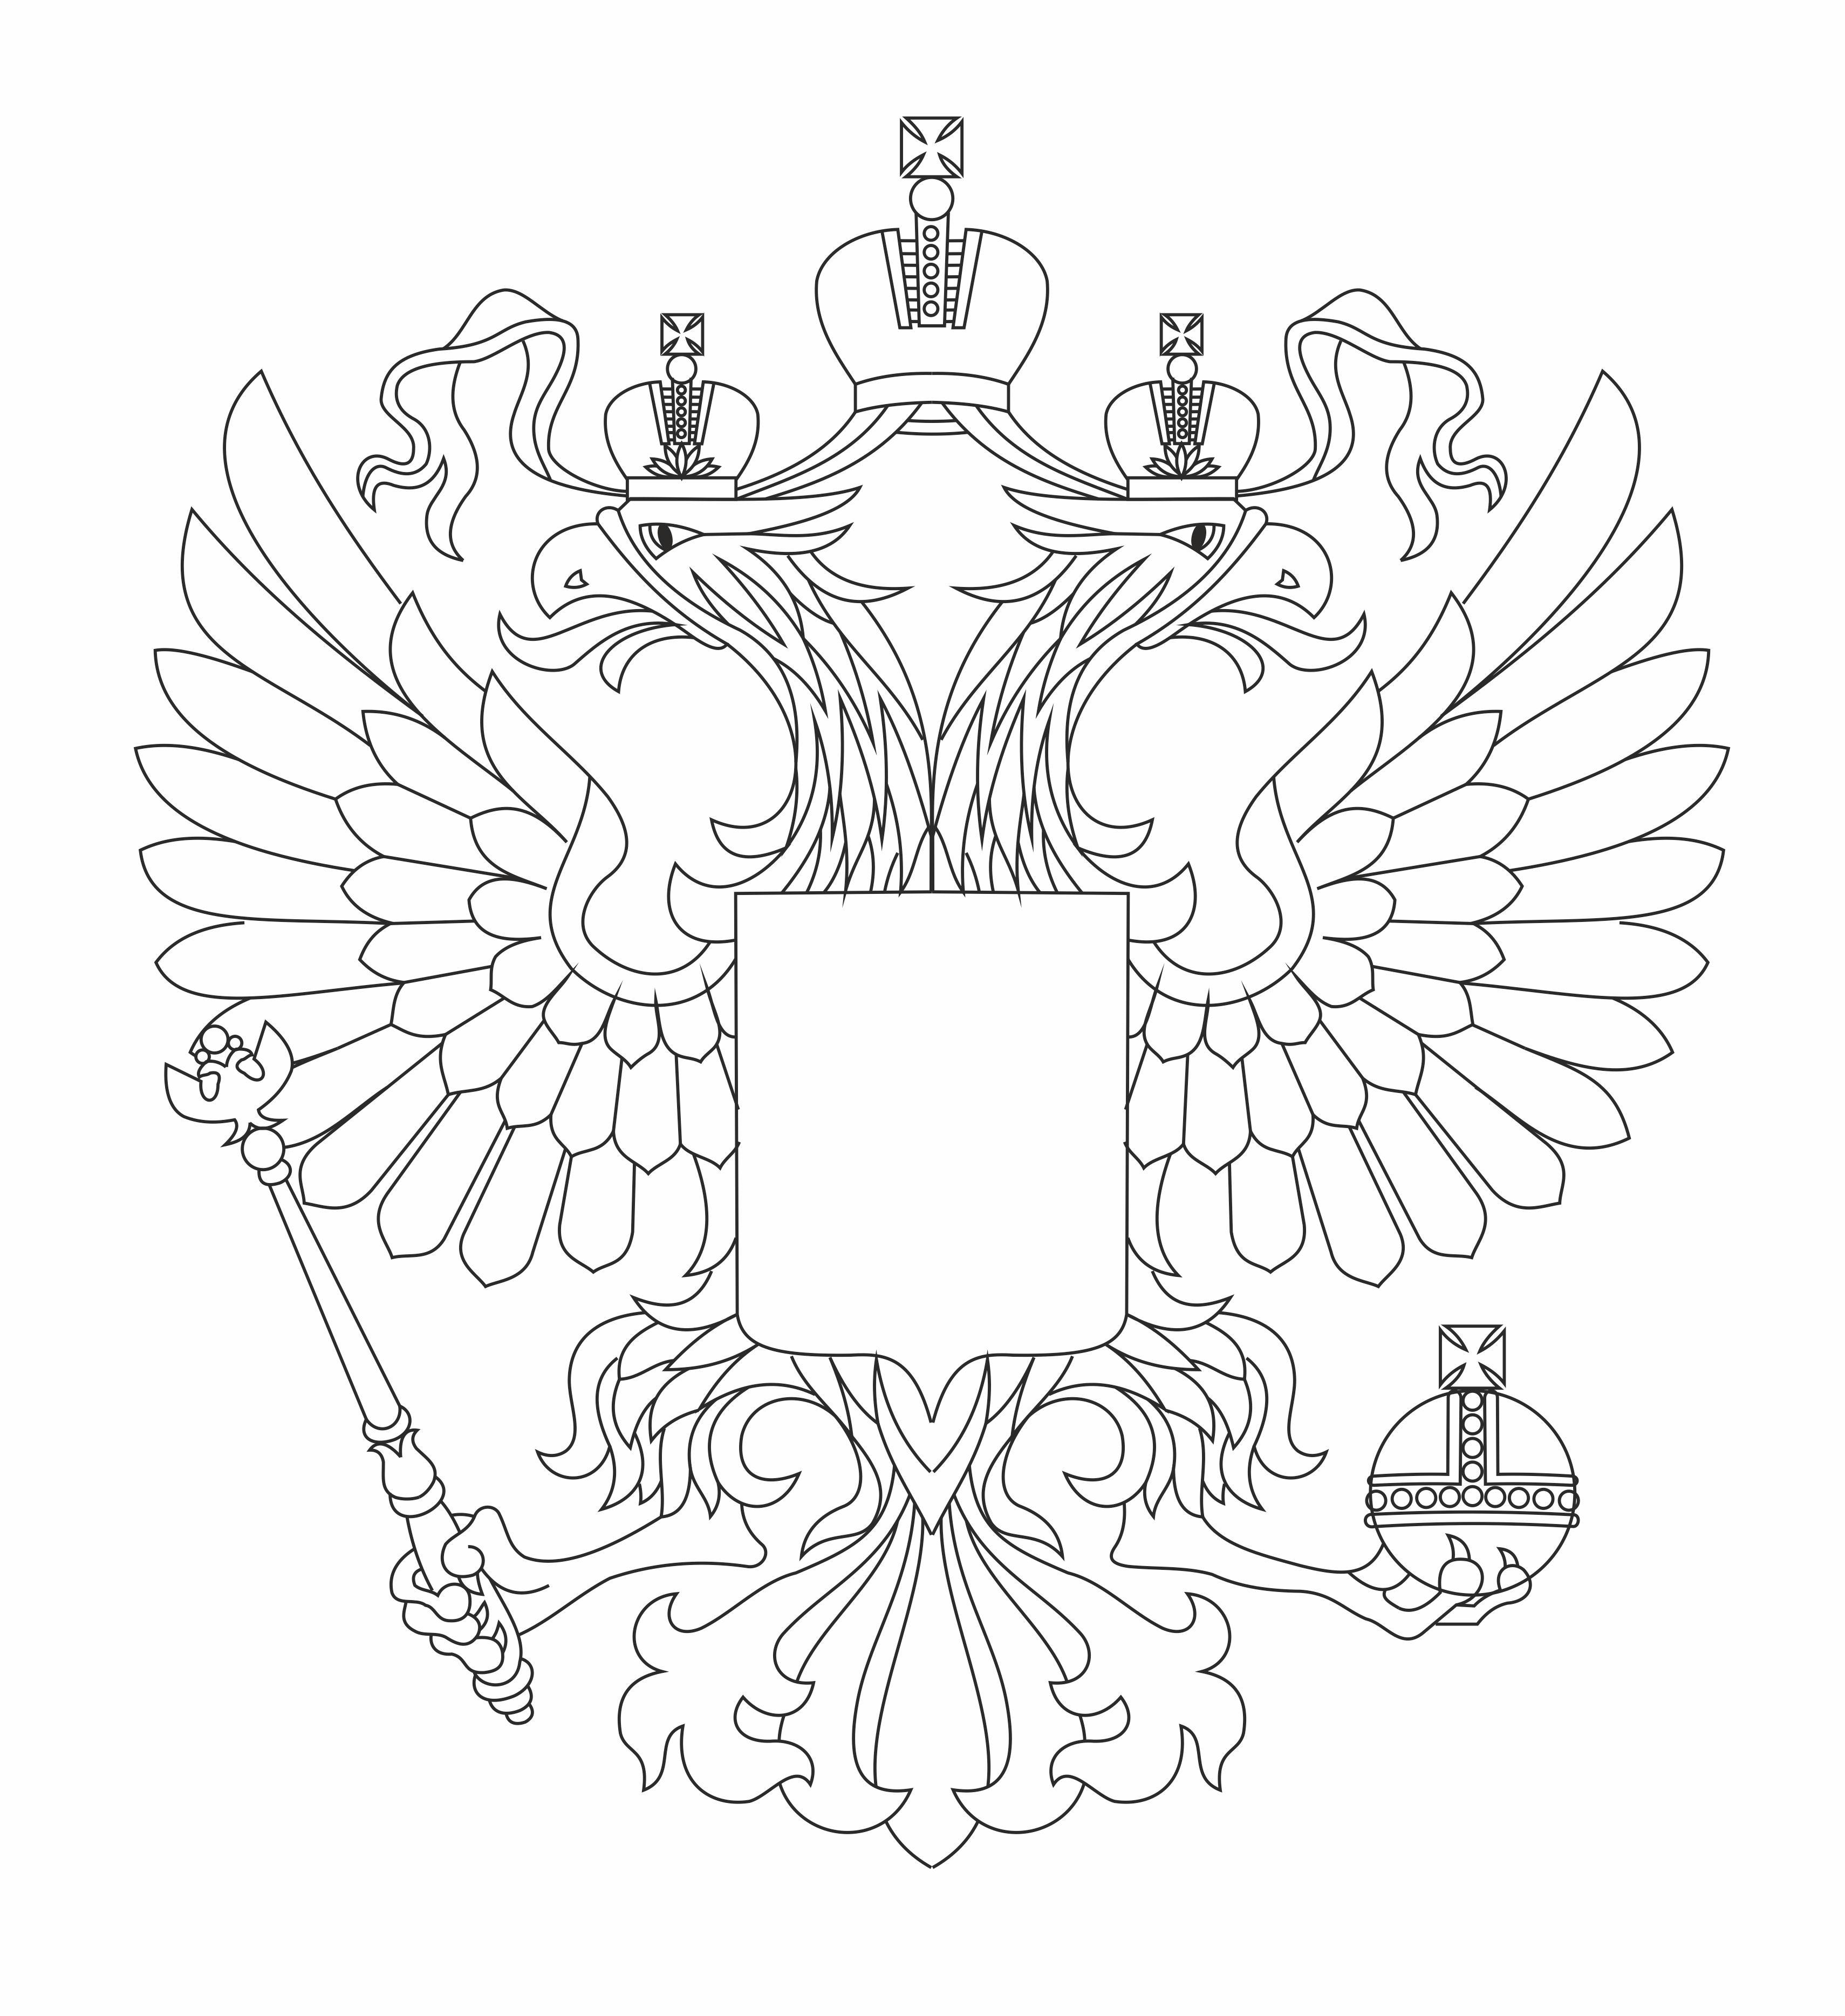 Как нарисовать герб россии схема